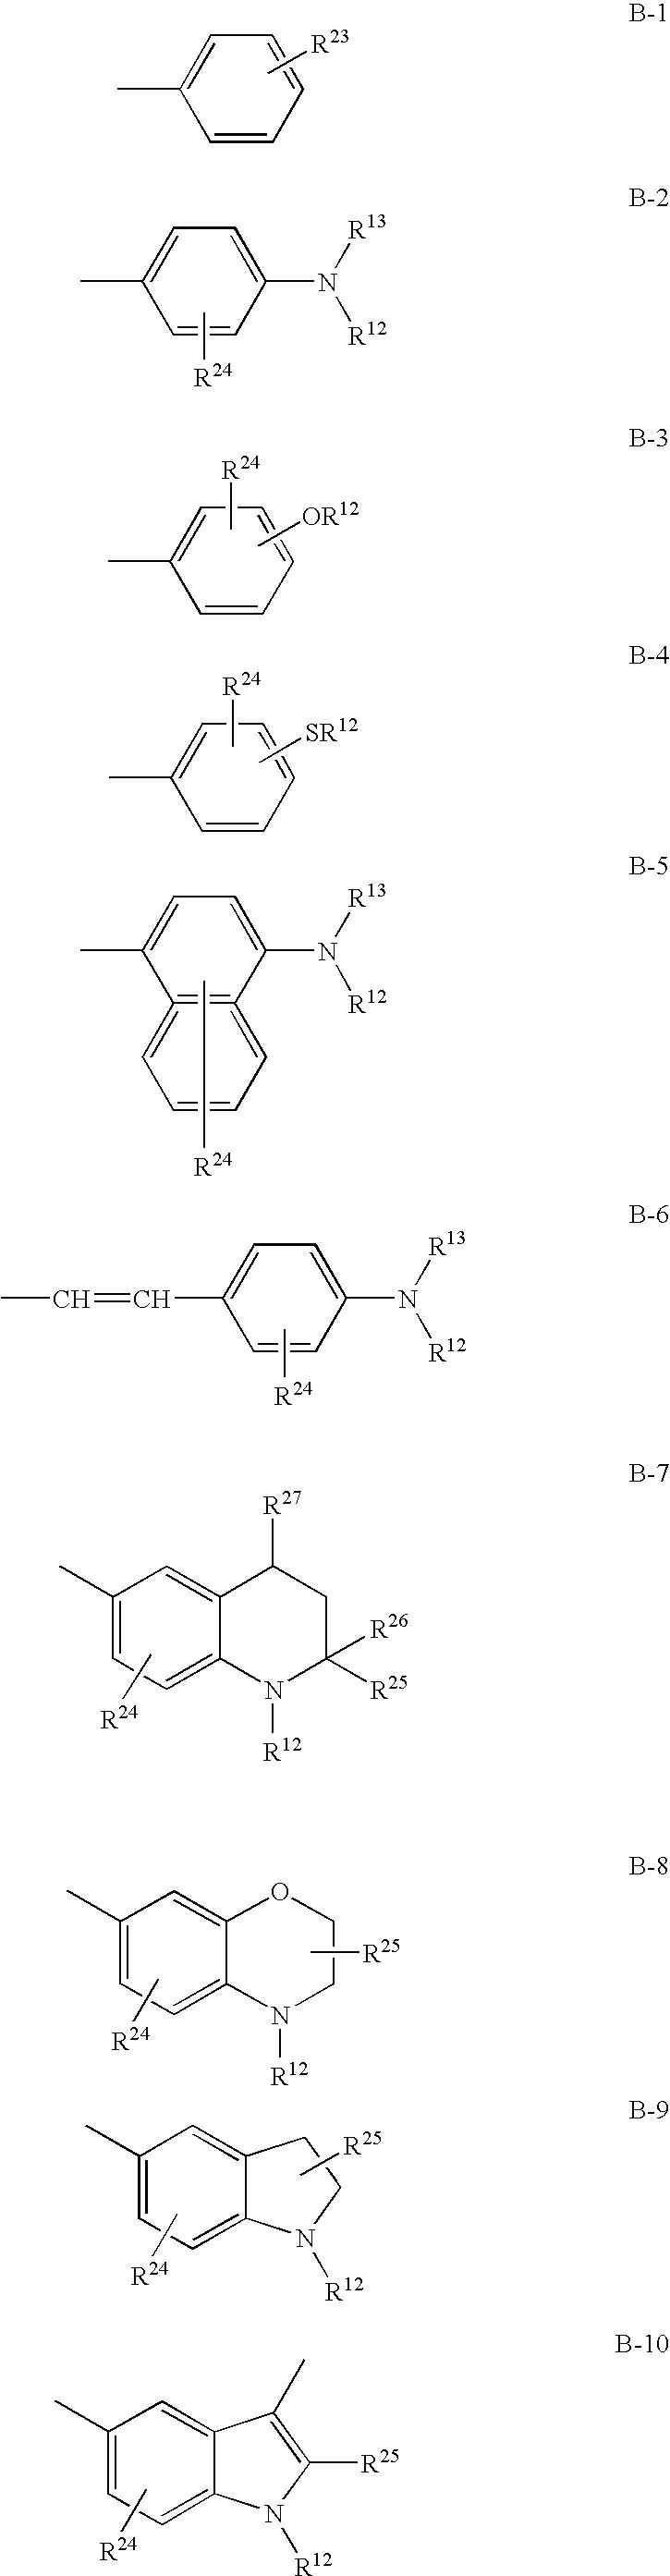 Figure US20070287822A1-20071213-C00037